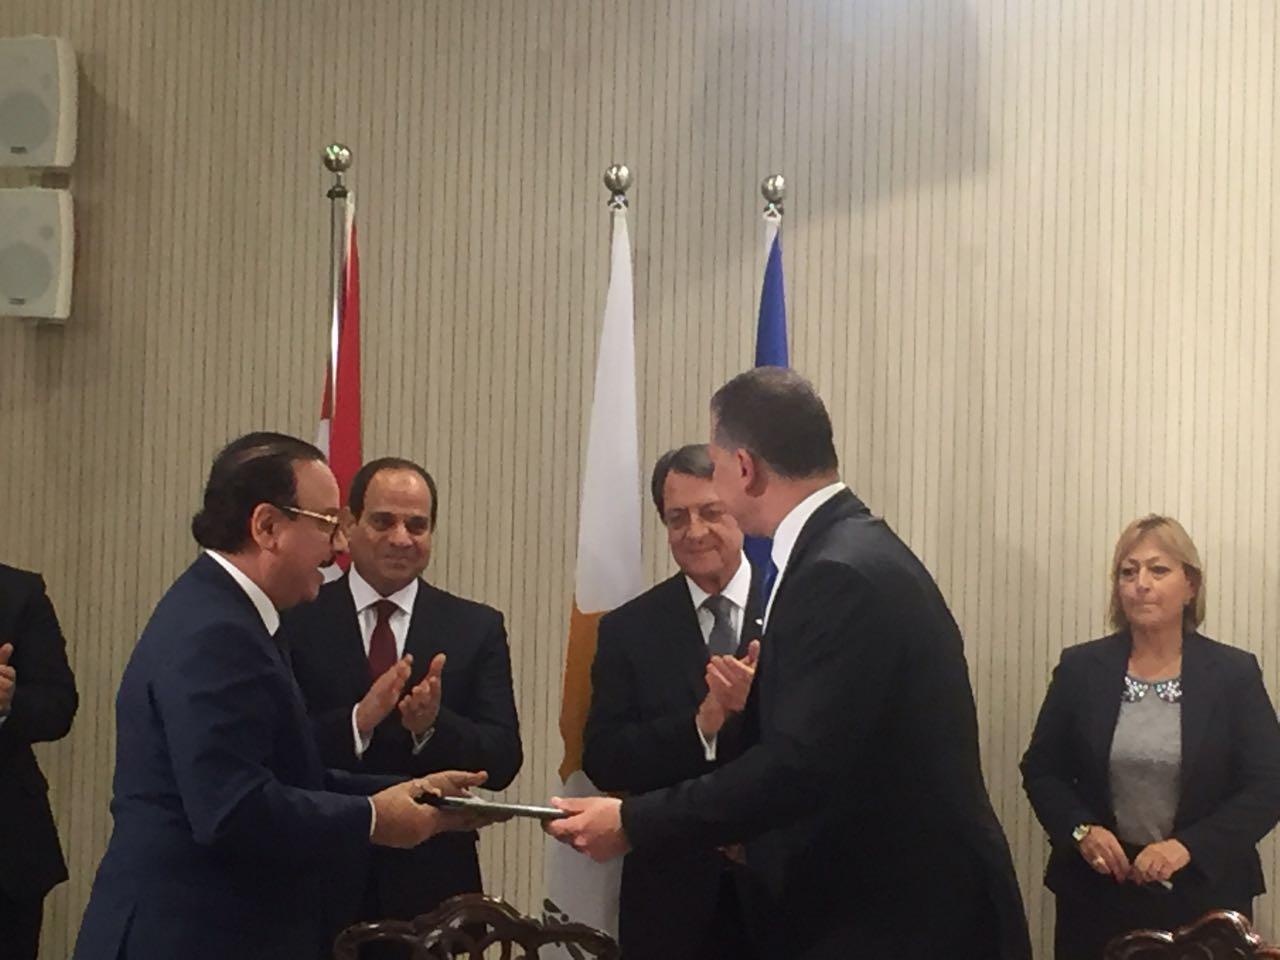 توقيع مذكرة تعاون في مجال الأعمال والاتصال بين مصر وقبرص2